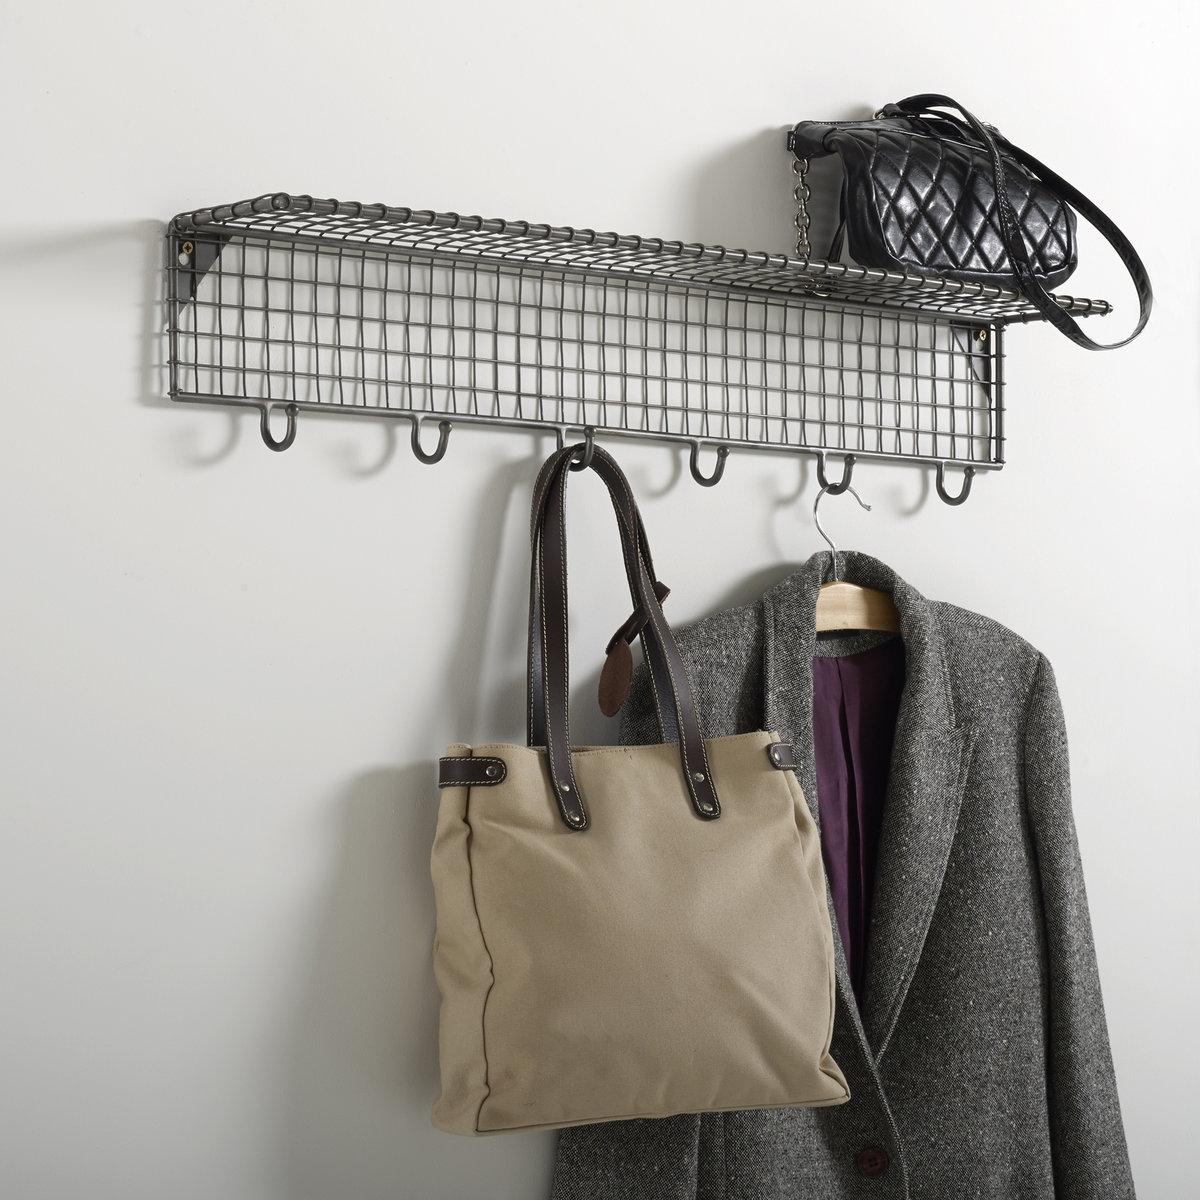 Этажерка La Redoute Настенная из металла с крючками AREGLO единый размер серый этажерка из решетчатого металла и массива мангового дереваareglo